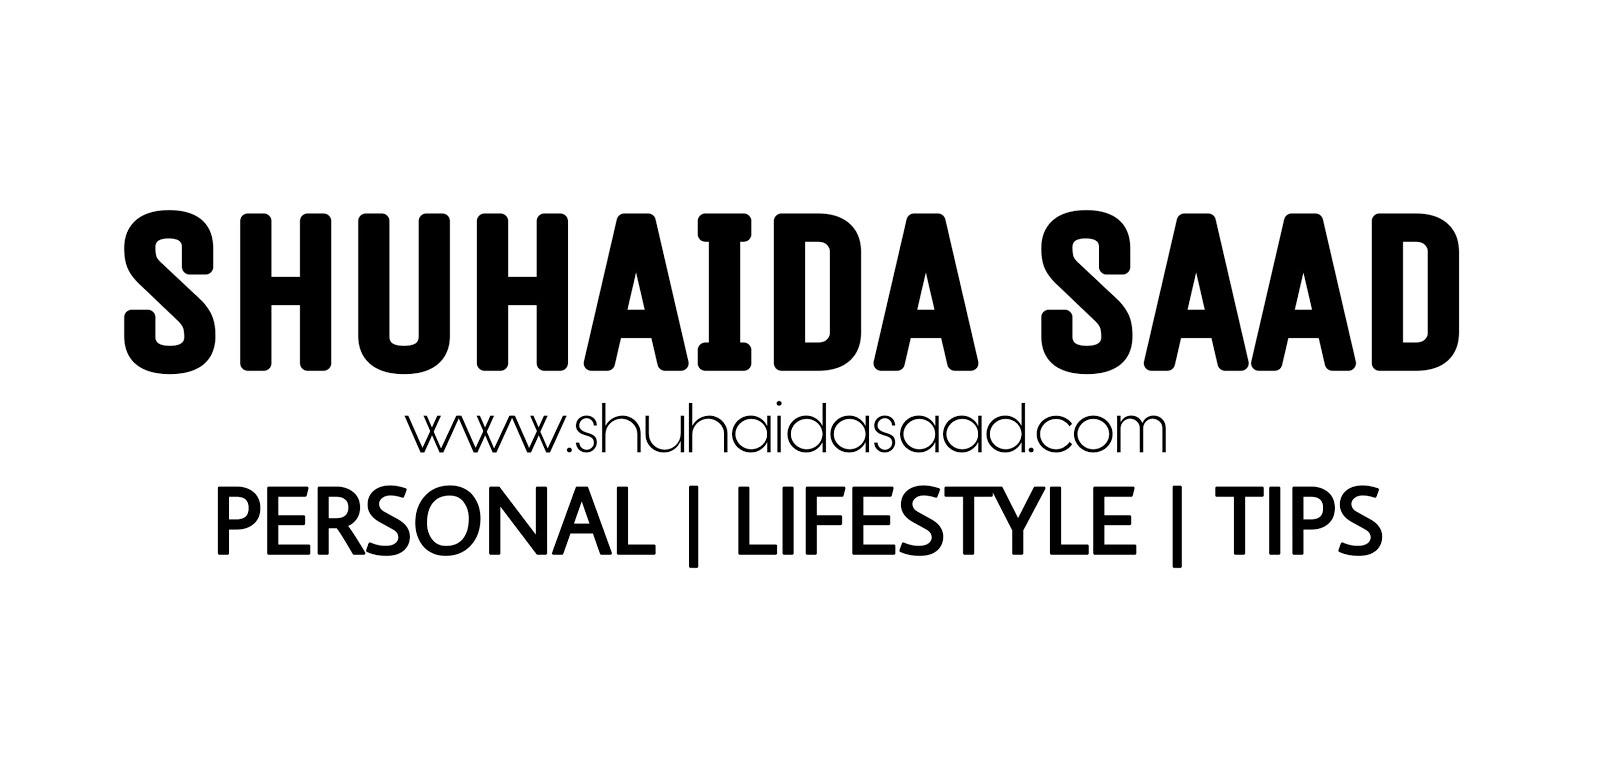 ShuhaidaSaad